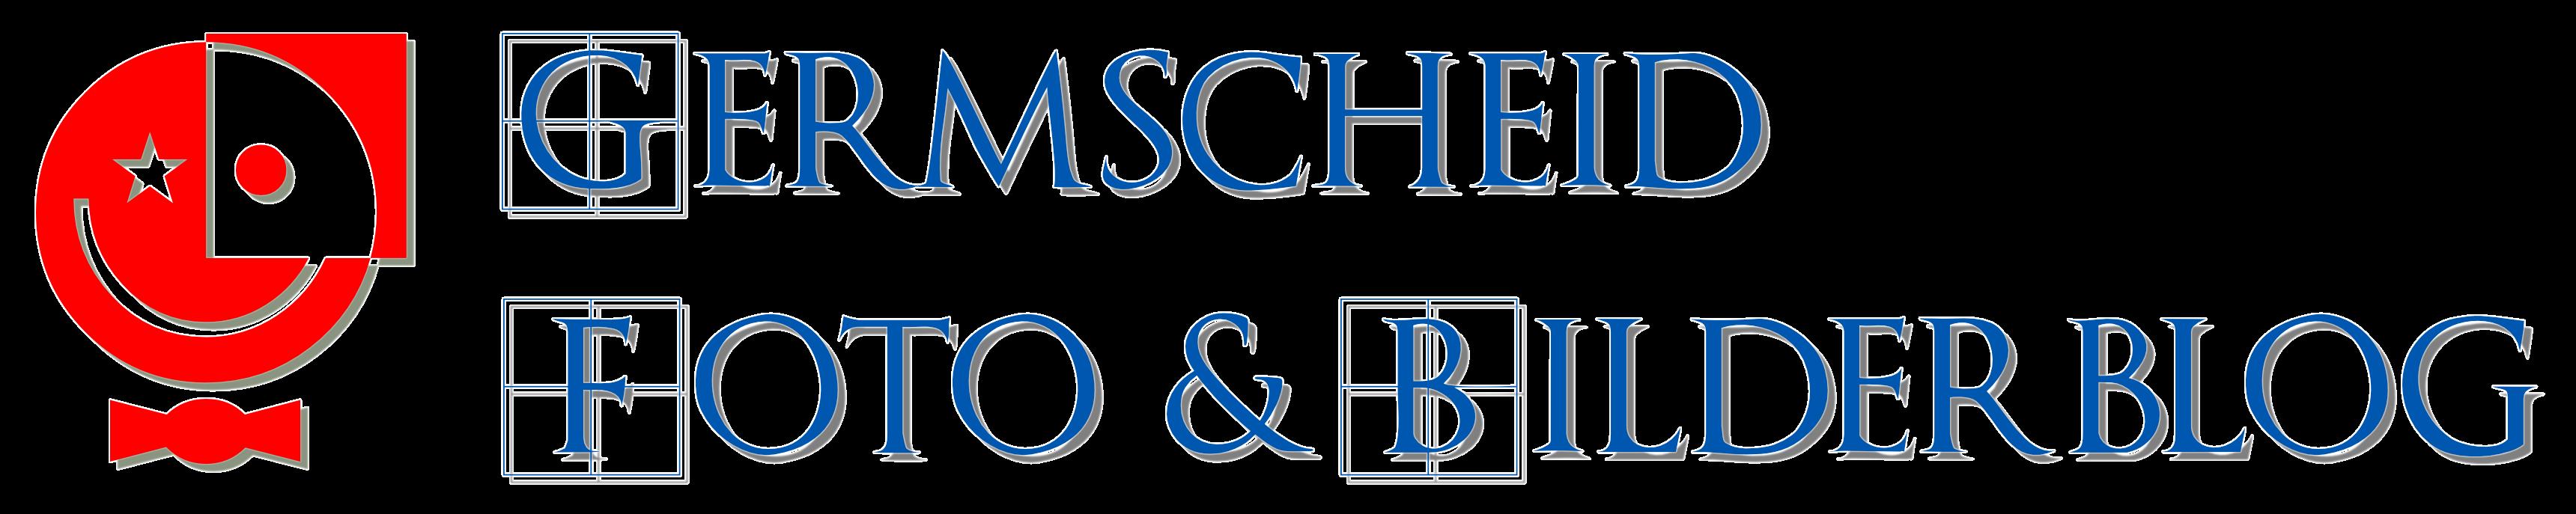 Germscheid – Foto & Bilderblog